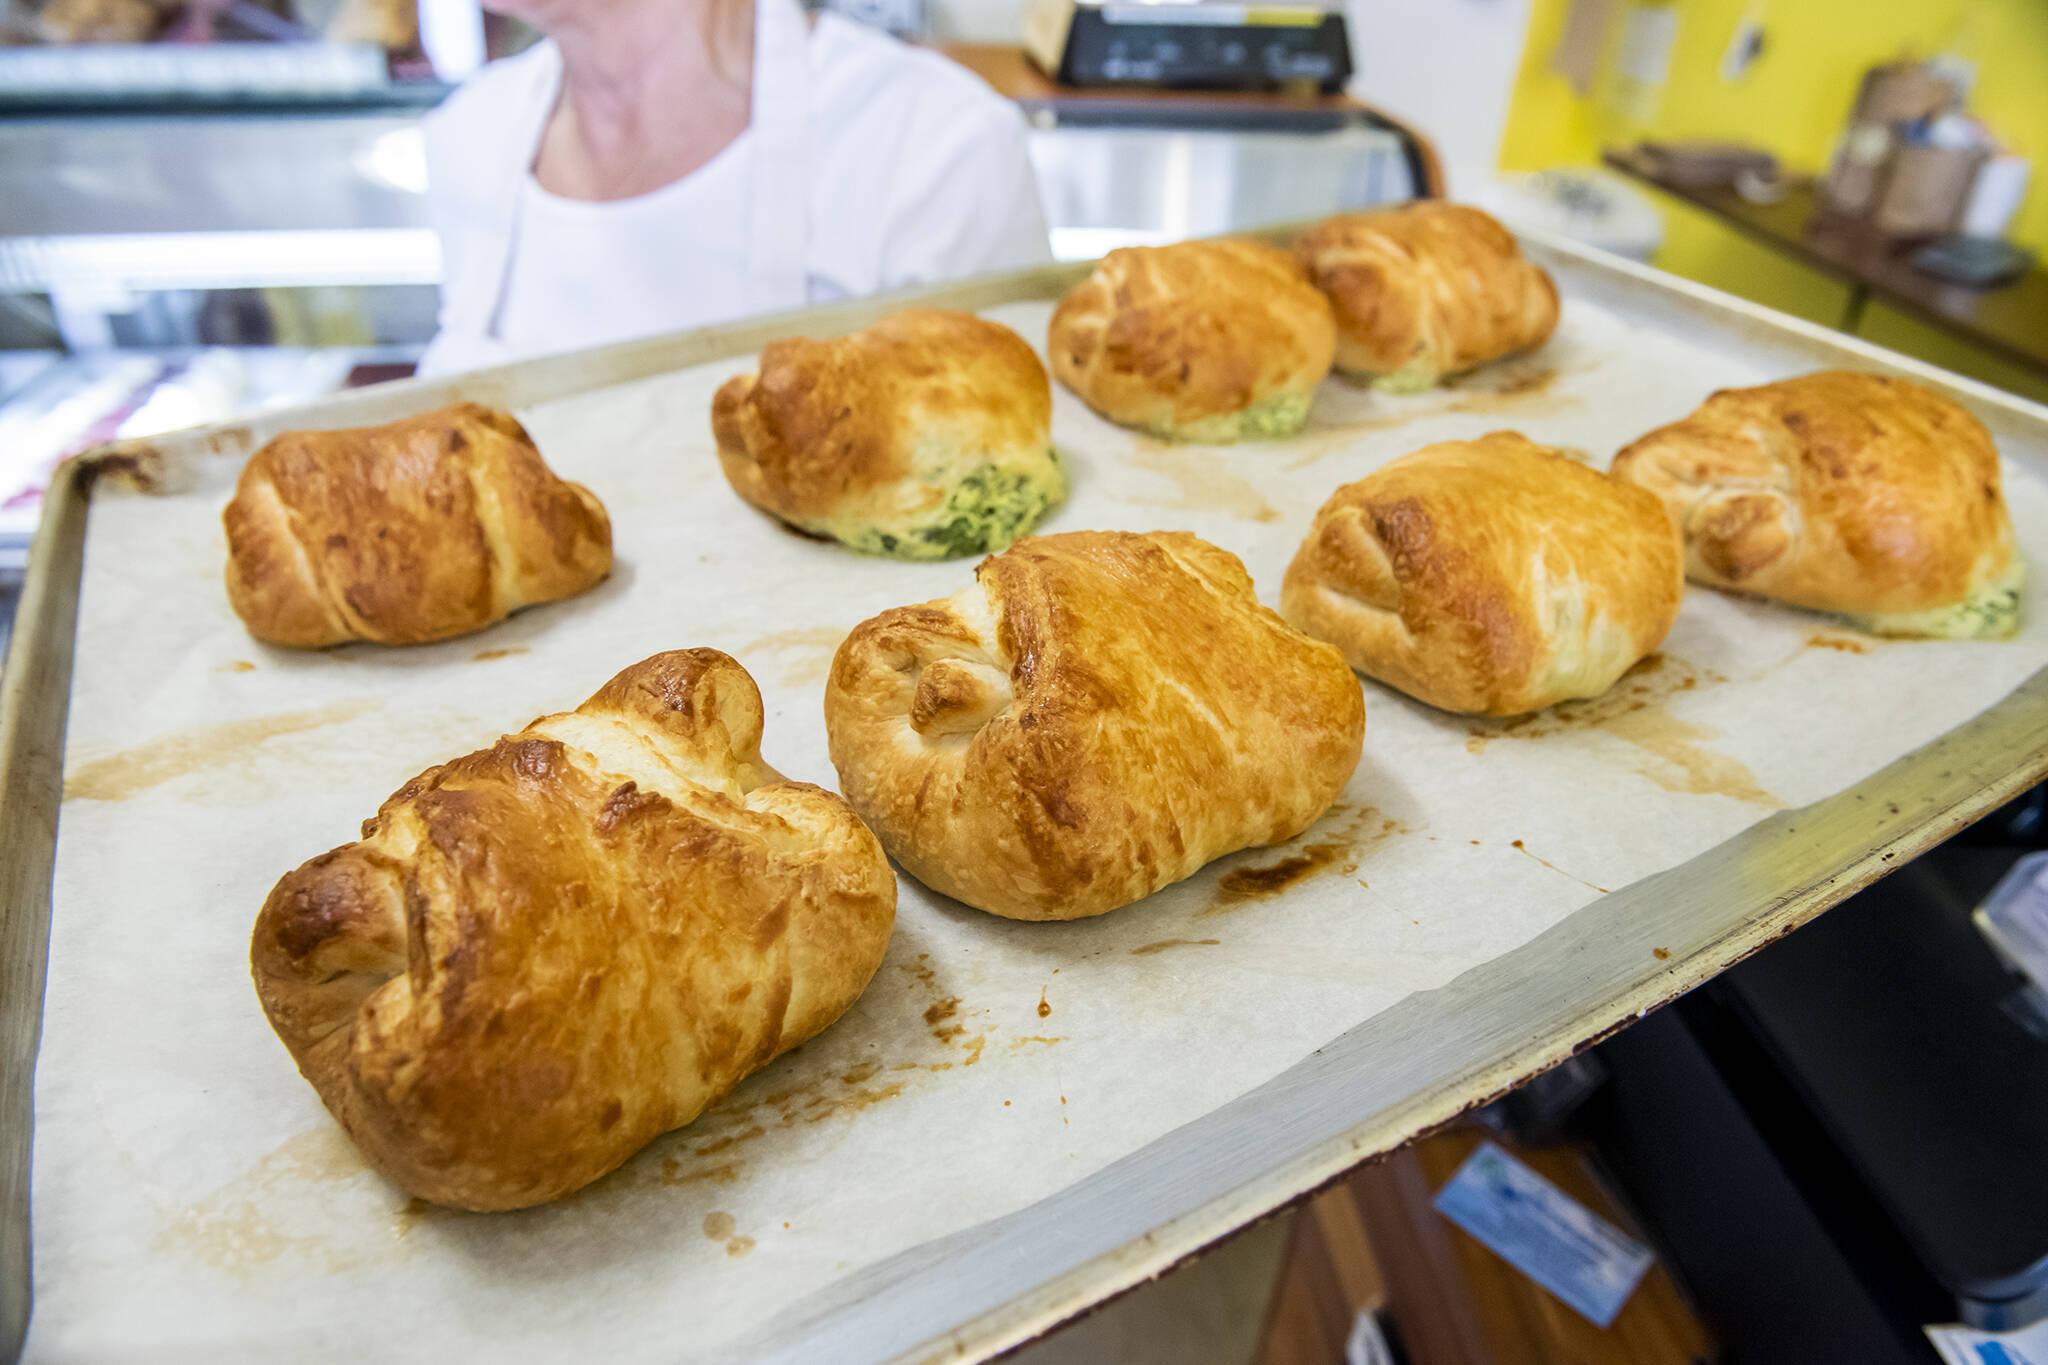 af bakery closed toronto